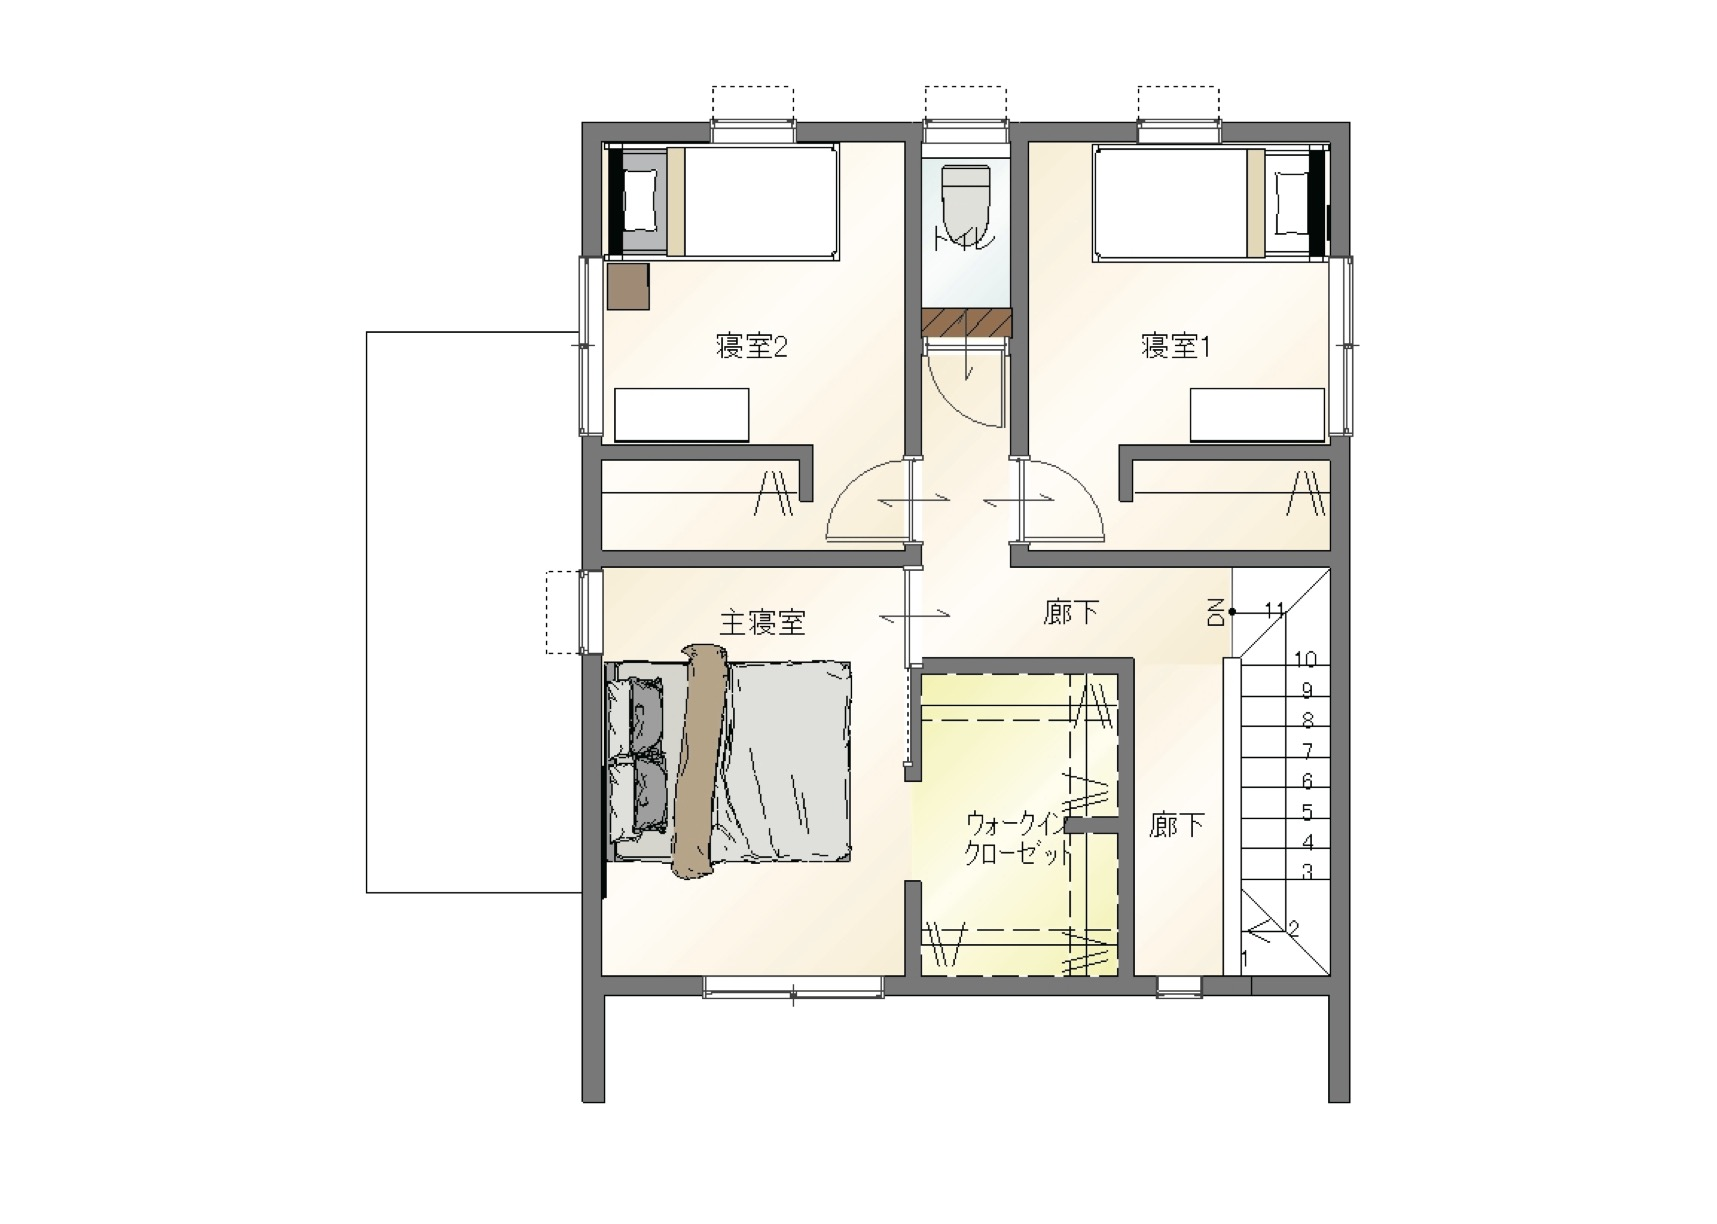 大分市中戸次デザイン分譲住宅 中戸次の家-Ⅰ棟 間取り2階